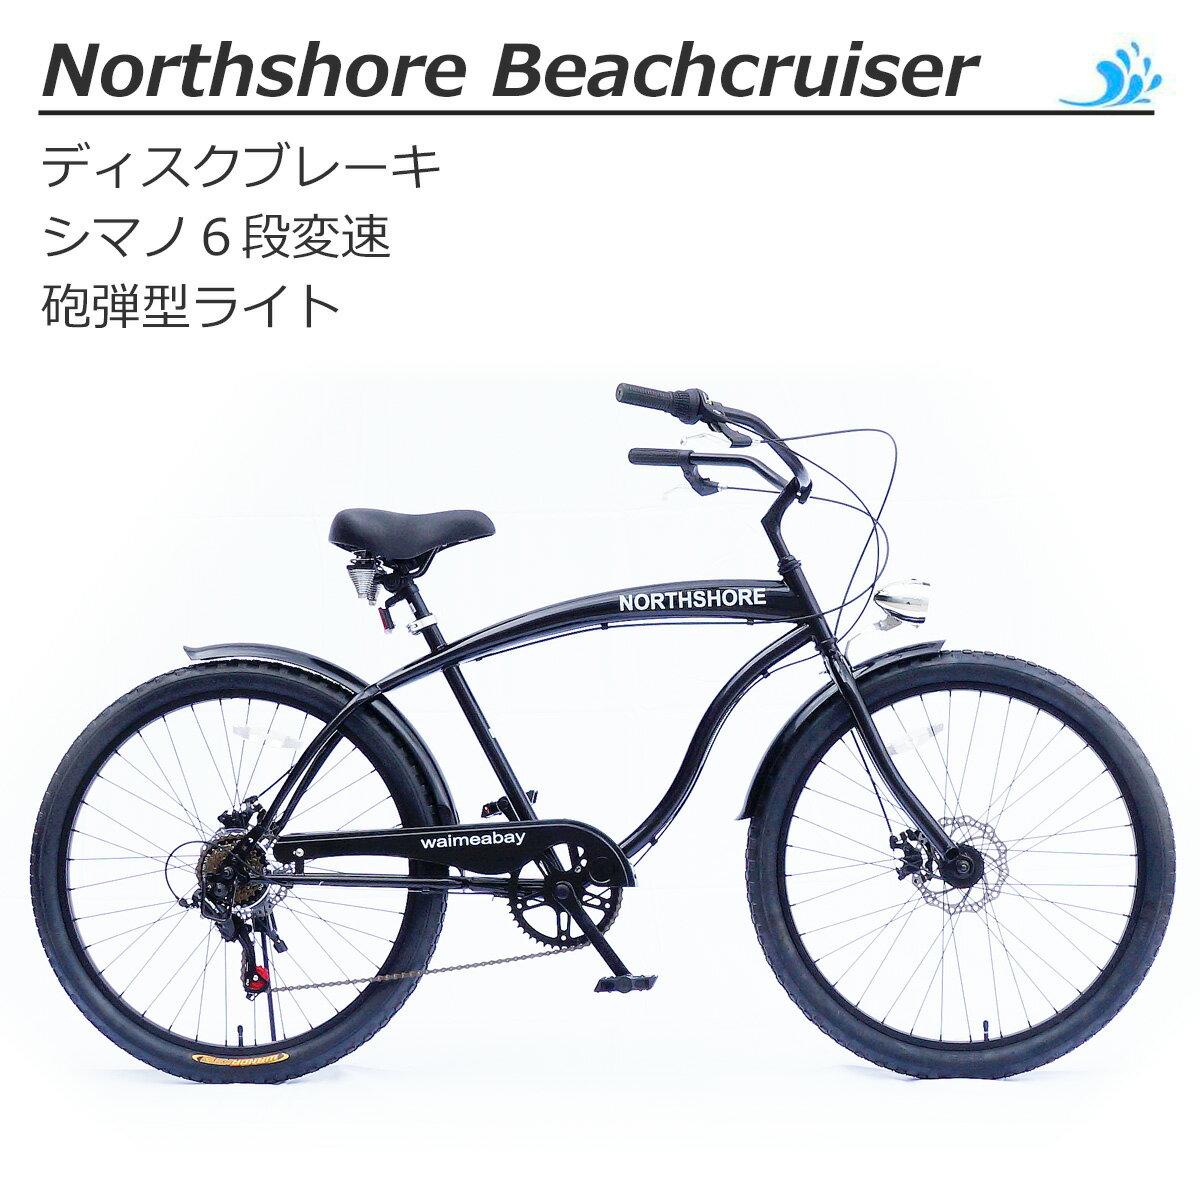 ディスクブレーキ搭載! ビーチクルーザー 自転車 ◆シマノ6段変速◆極太フレーム◆砲弾型ライト付◆